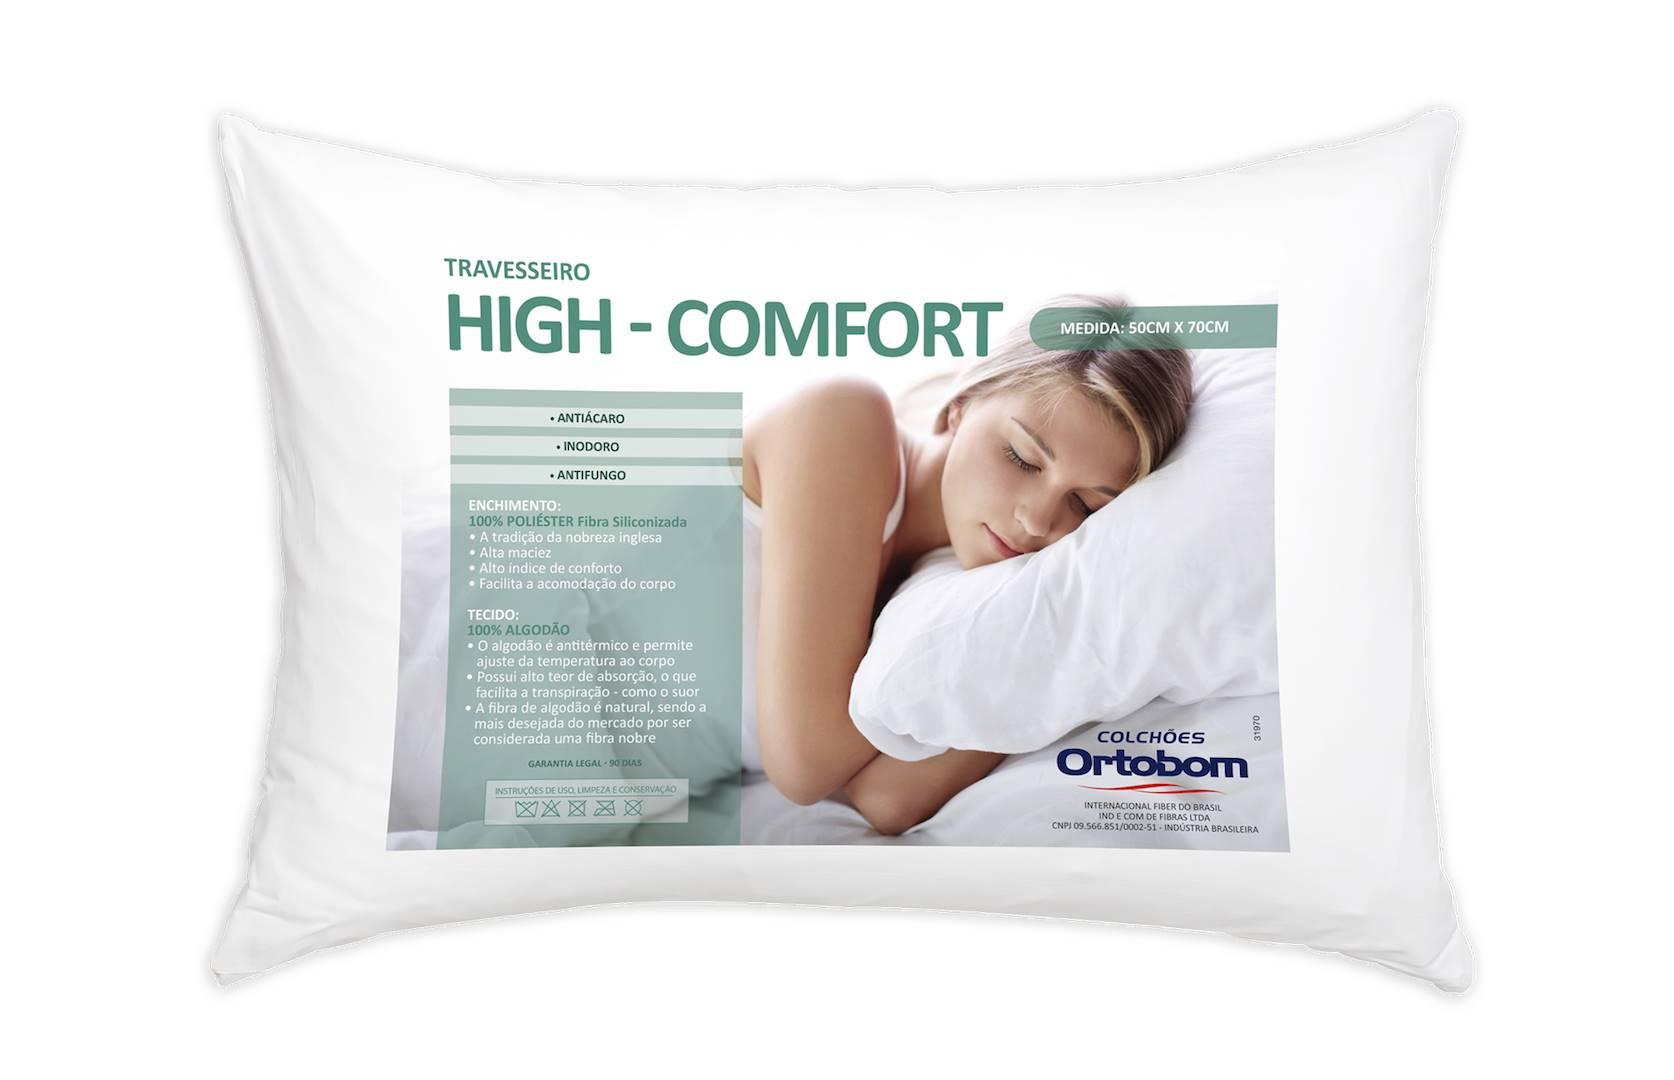 Travesseiro Hi Confort 140 Fios cor Branco - 43604